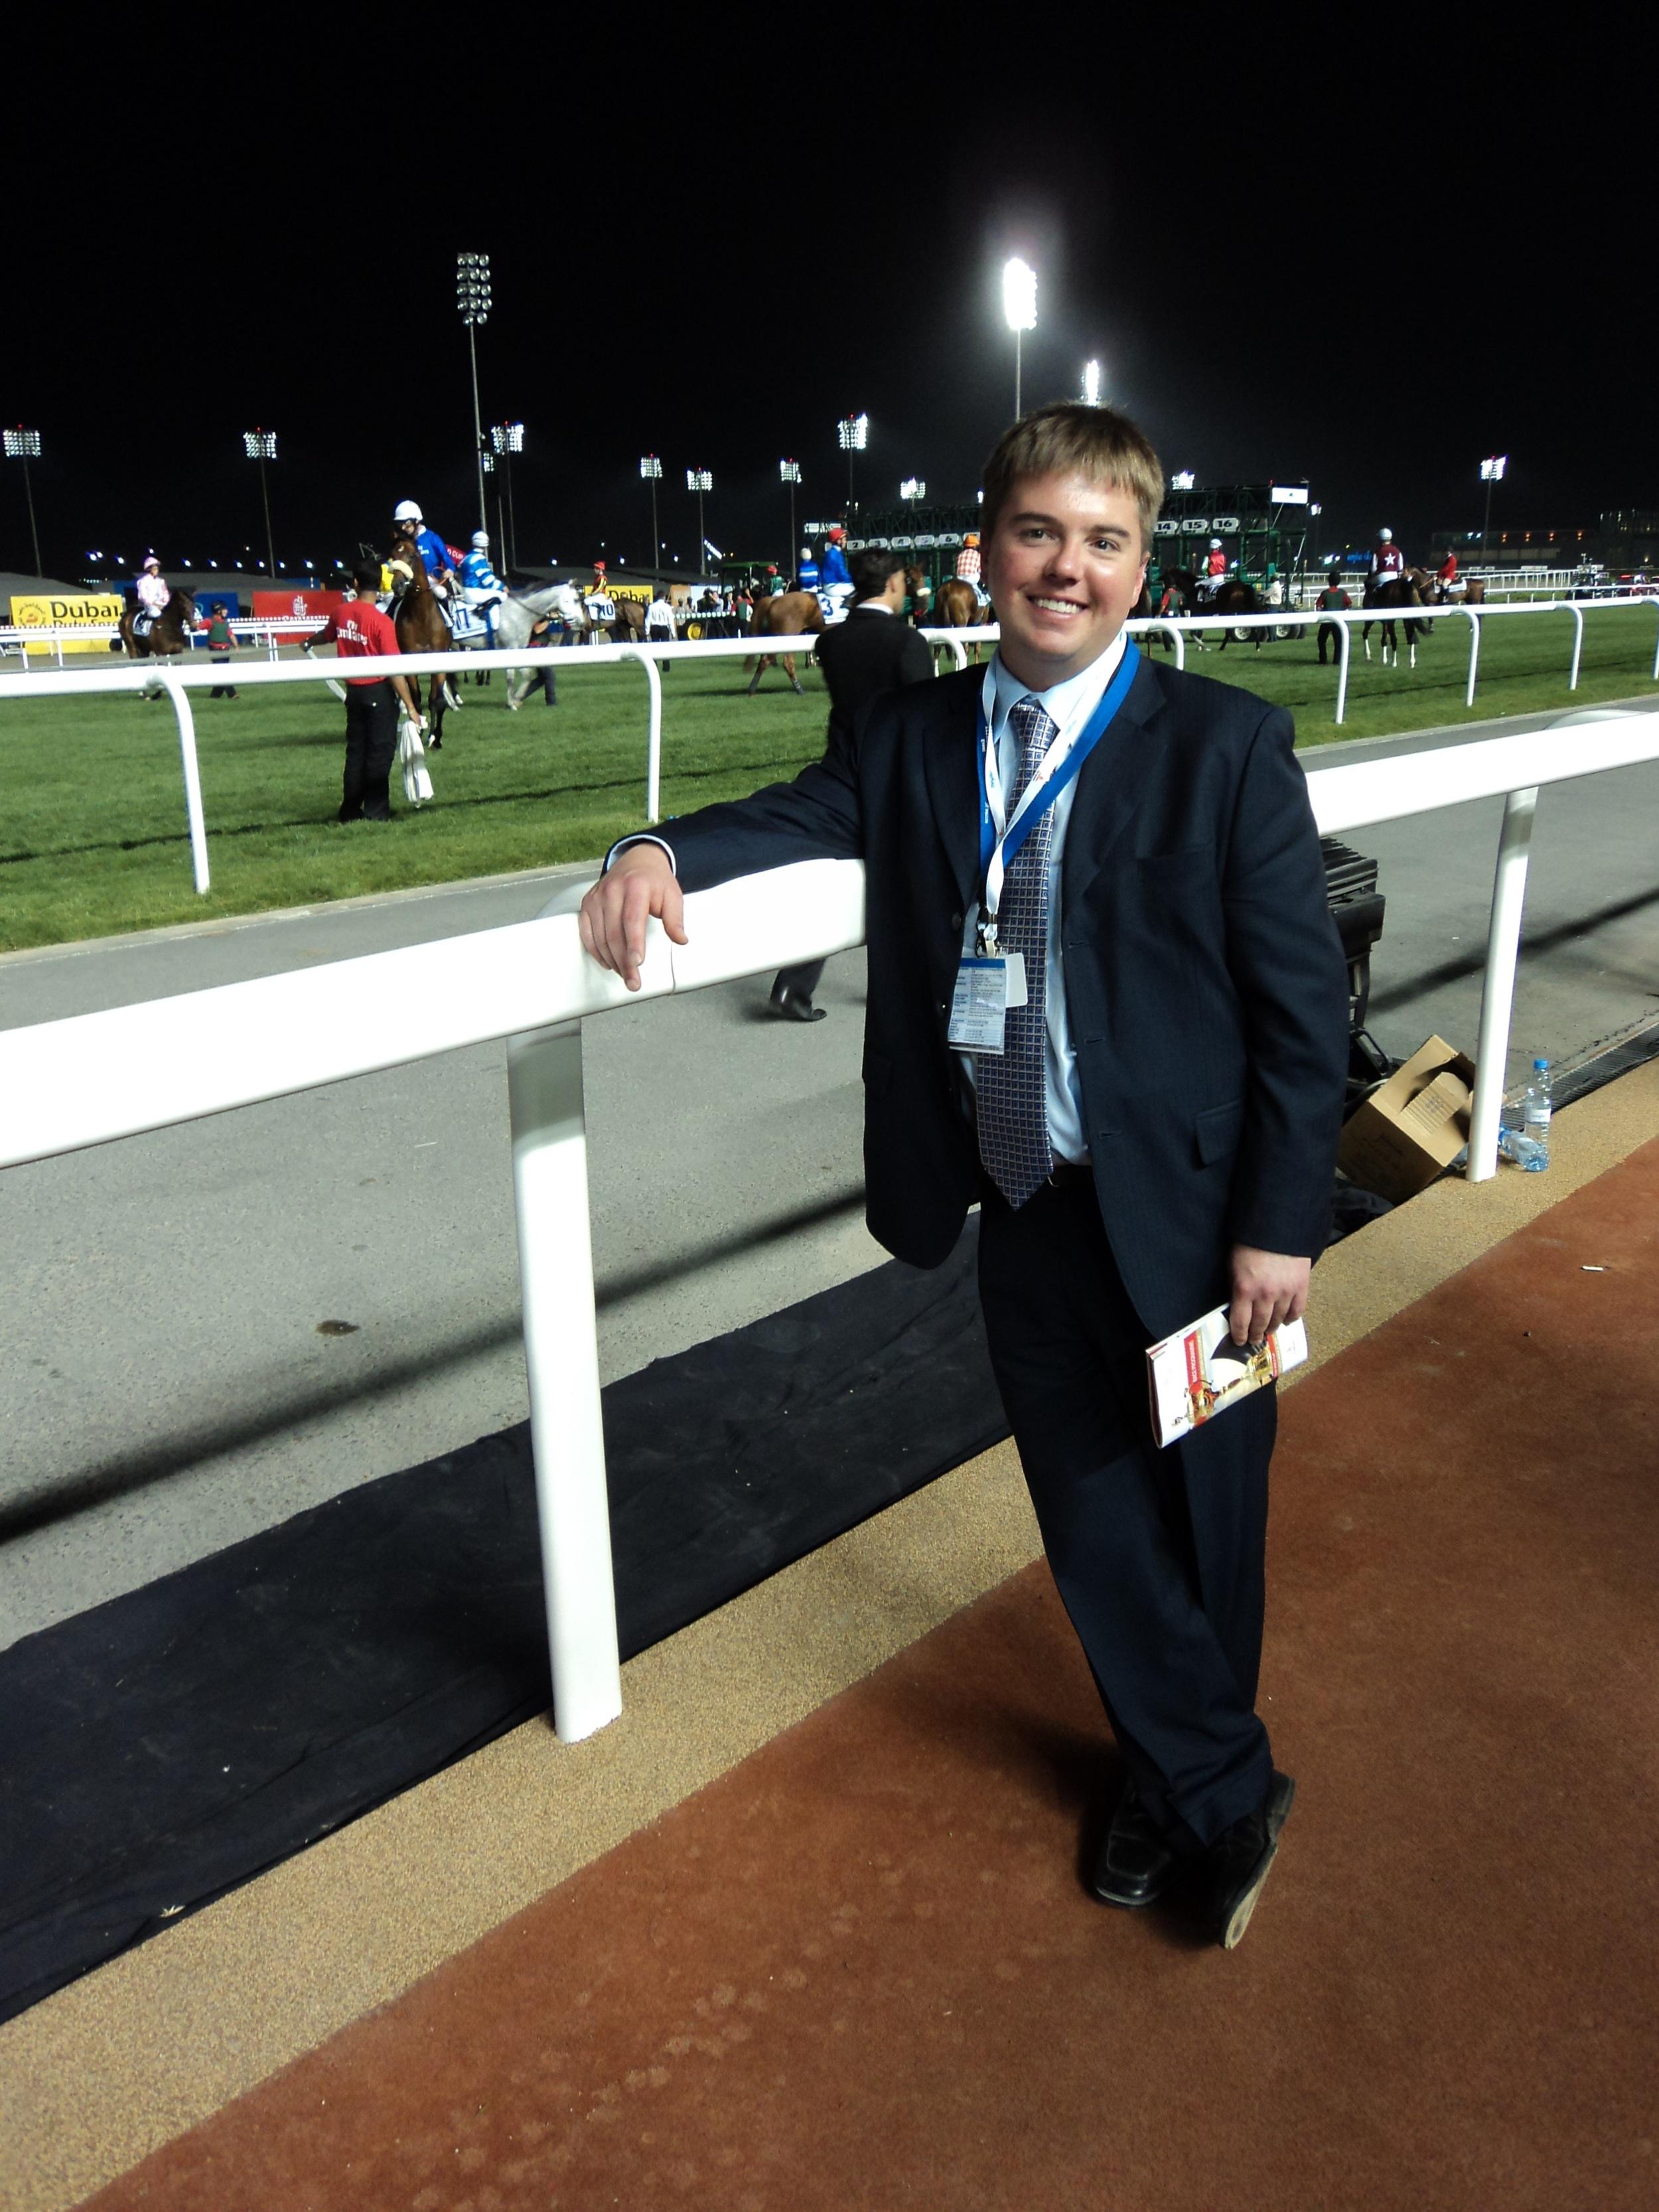 Conor at the races in Dubai